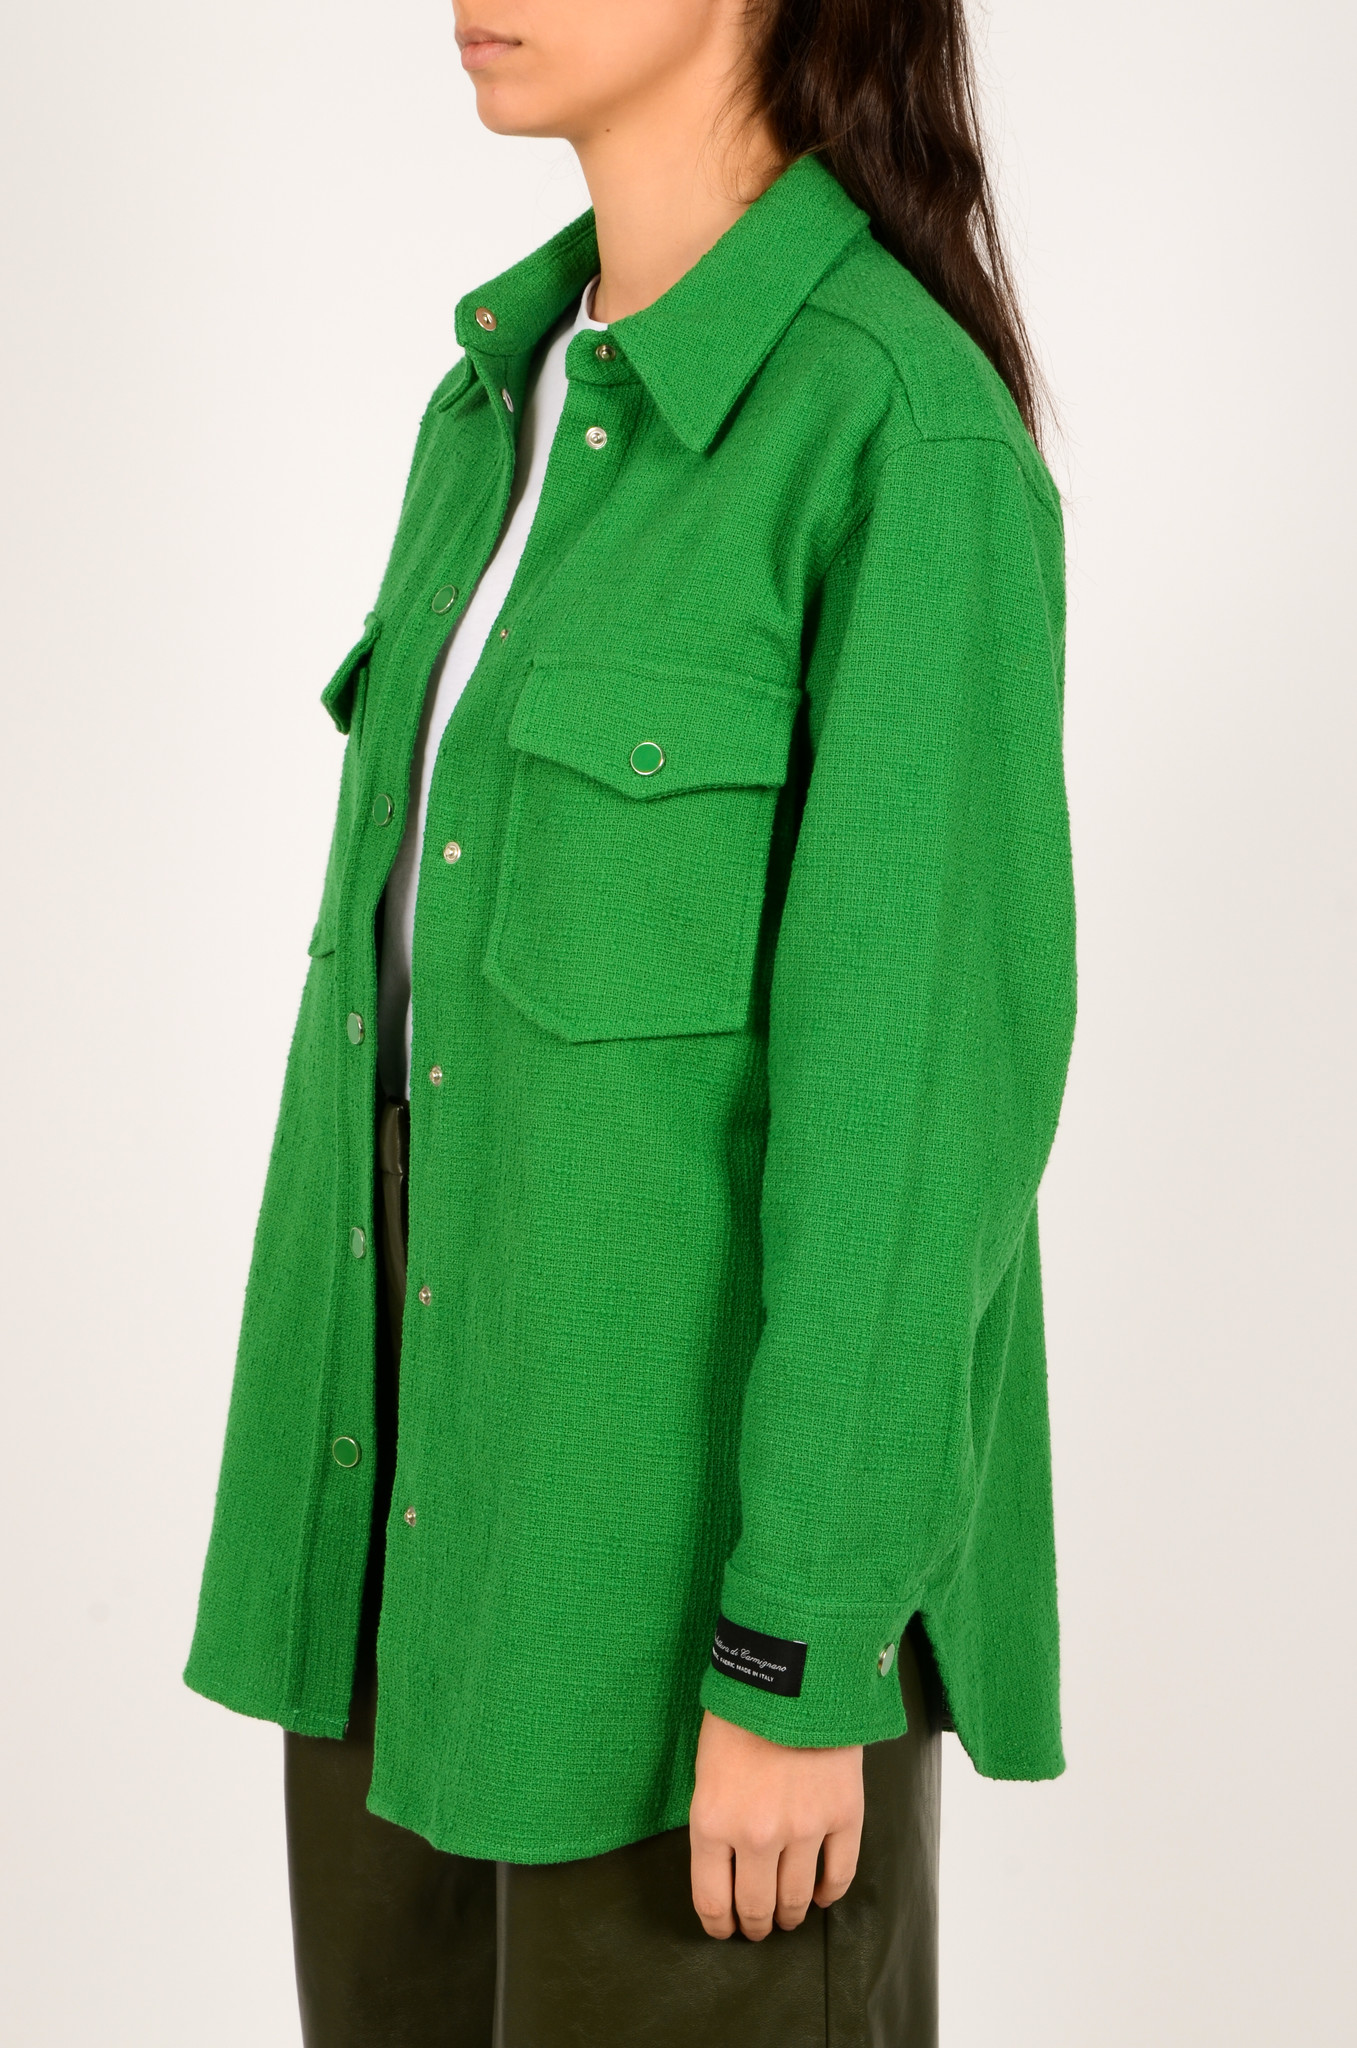 GREEN TEXTURED SHIRT JACKET-3